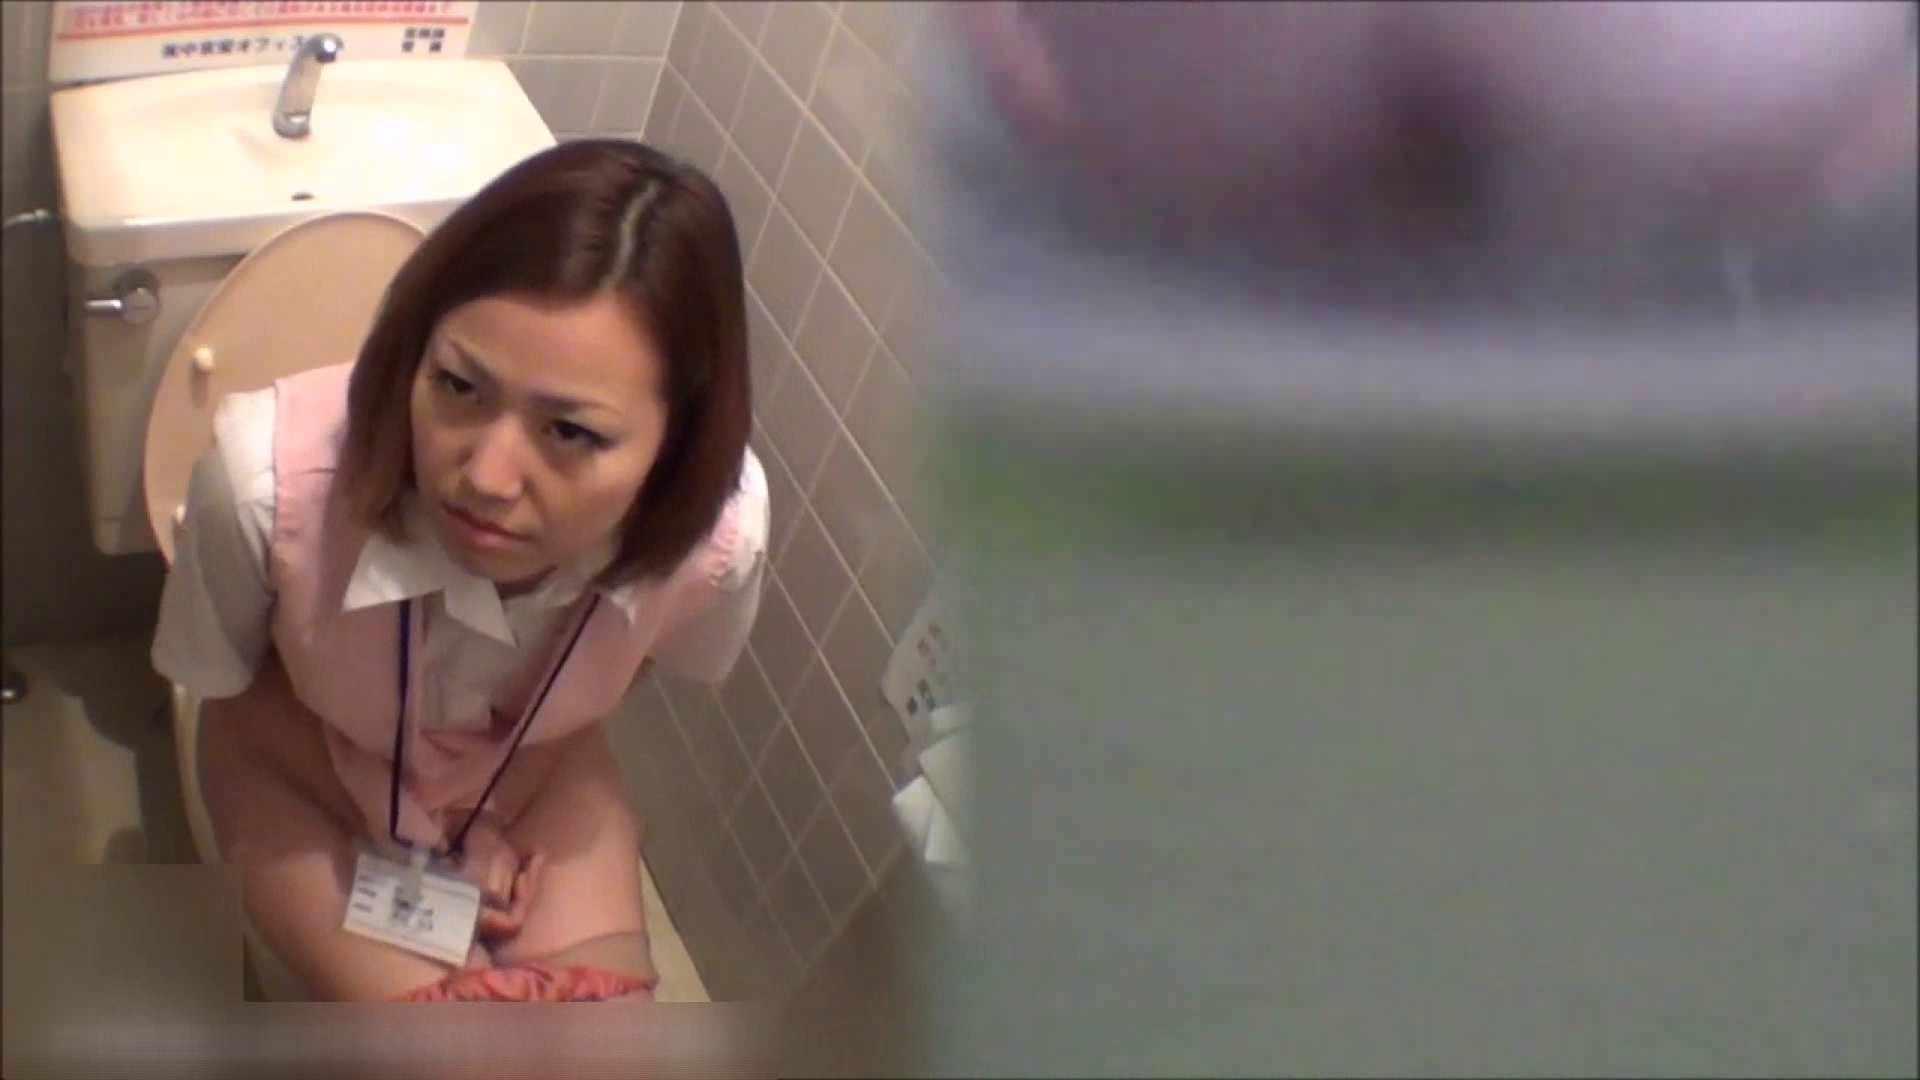 洗面所盗撮~隣の美人お姉さんVol.26 お漏らし 盗撮セックス無修正動画無料 55画像 41